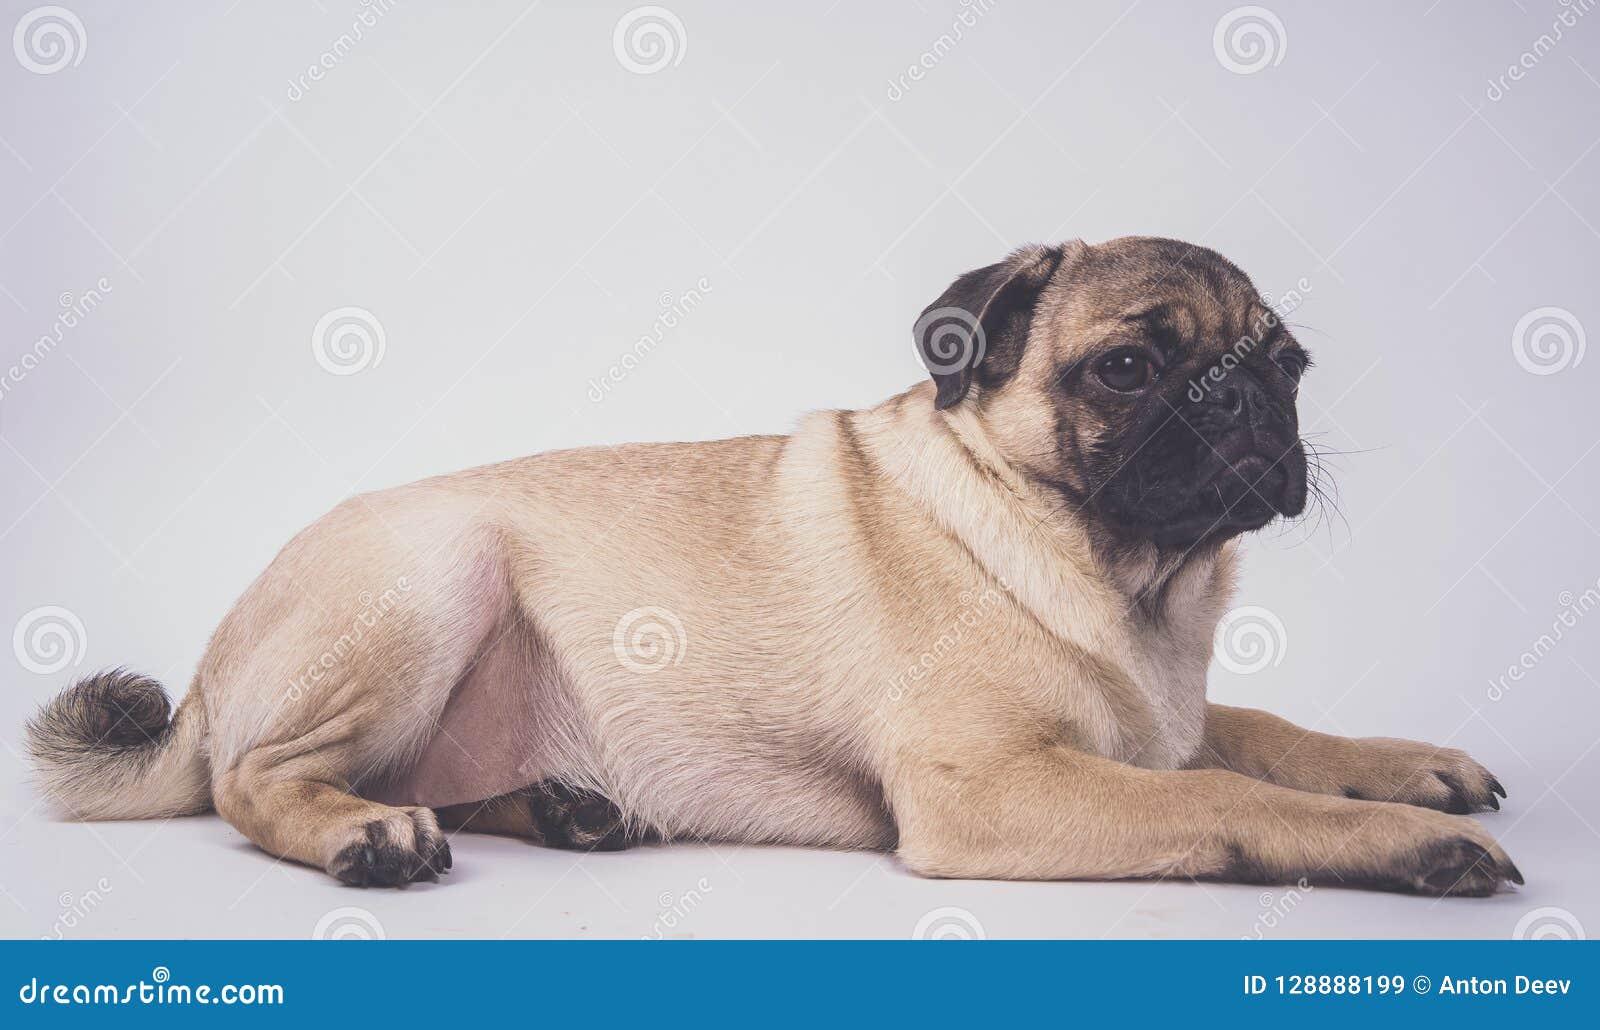 Μαλαγμένος πηλός, σκυλί στο άσπρο υπόβαθρο Χαριτωμένο φιλικό παχύ chubby κουτάβι μαλαγμένου πηλού Κατοικίδια ζώα, εραστές σκυλιών